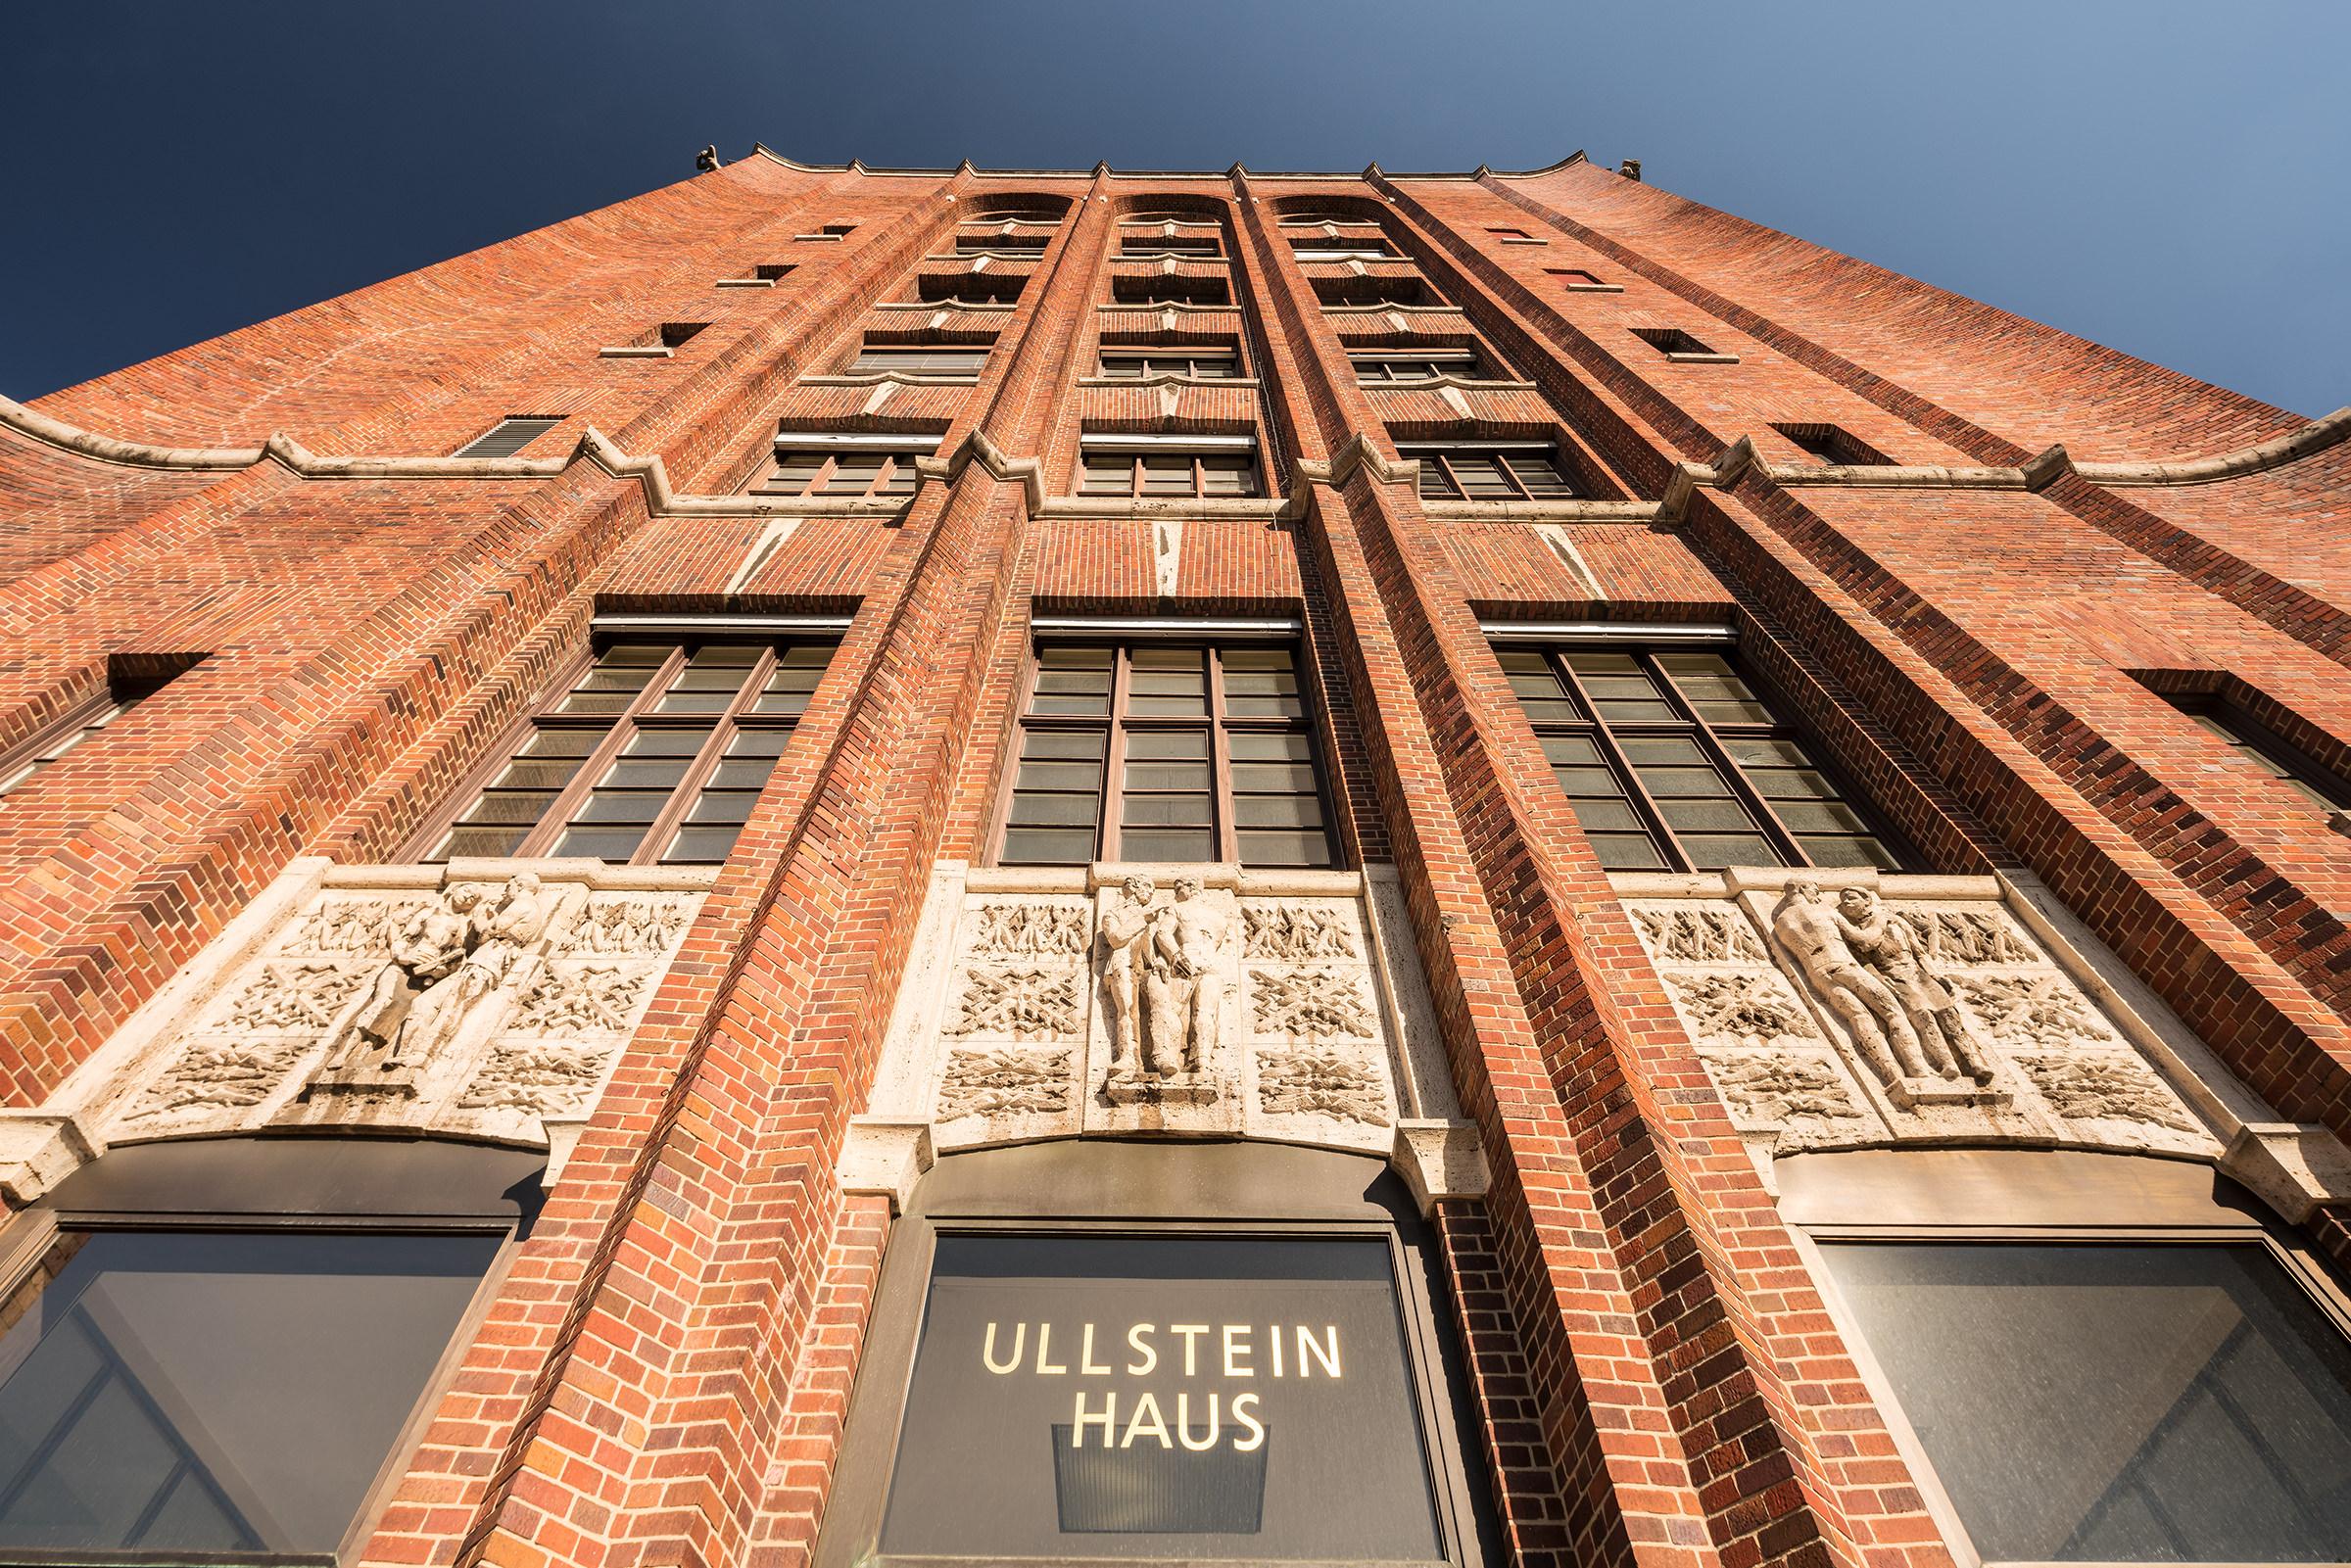 Ullsteinhaus Berlin Denkmal